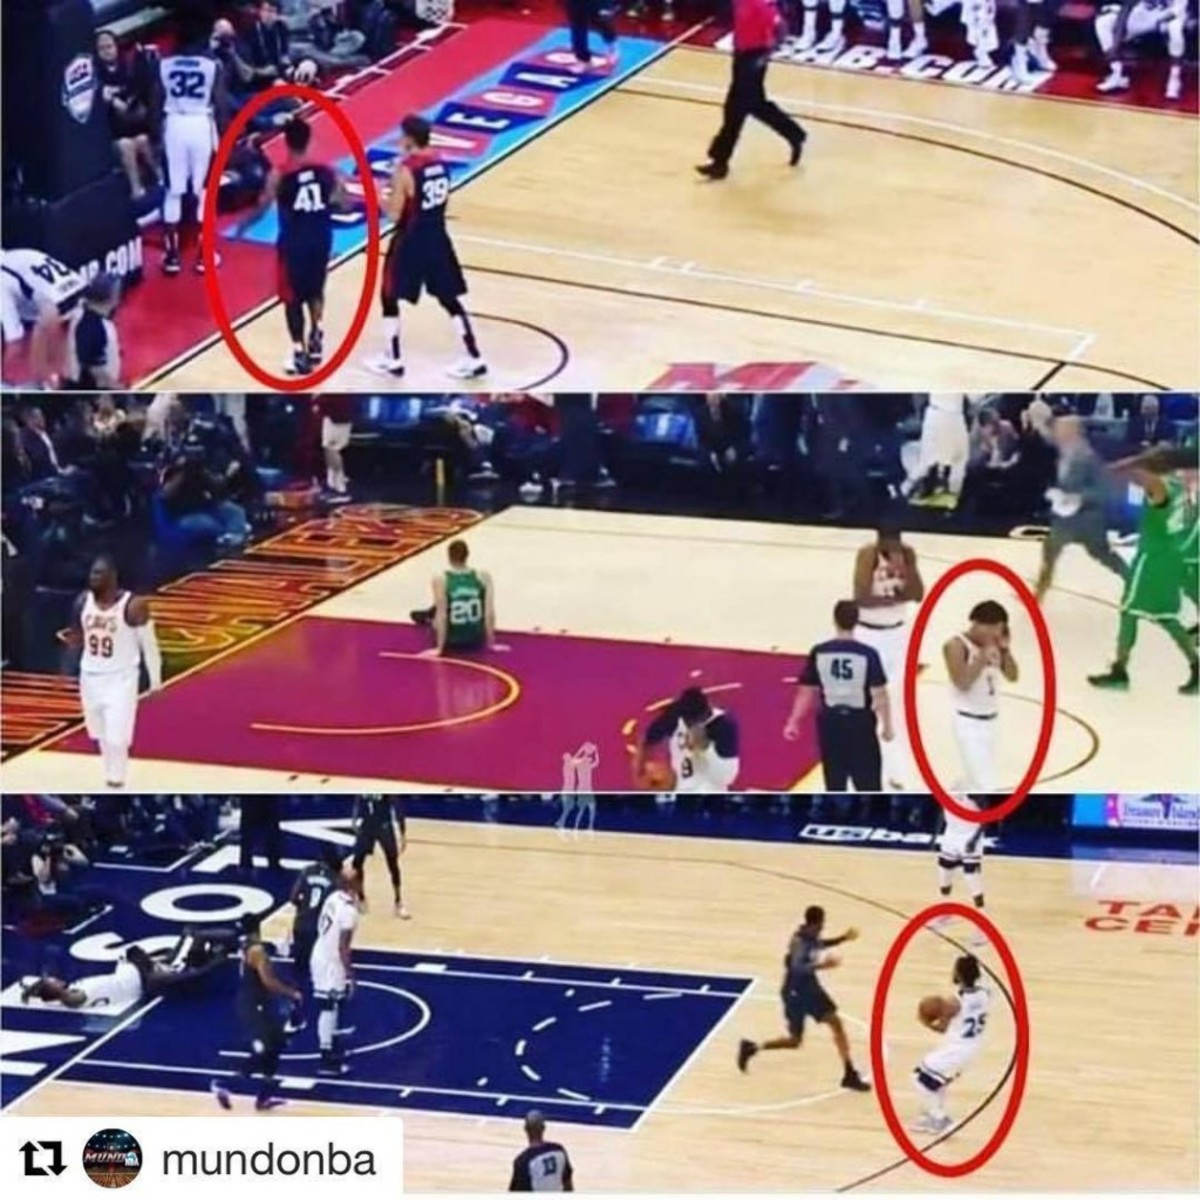 Credit: Mundo NBA